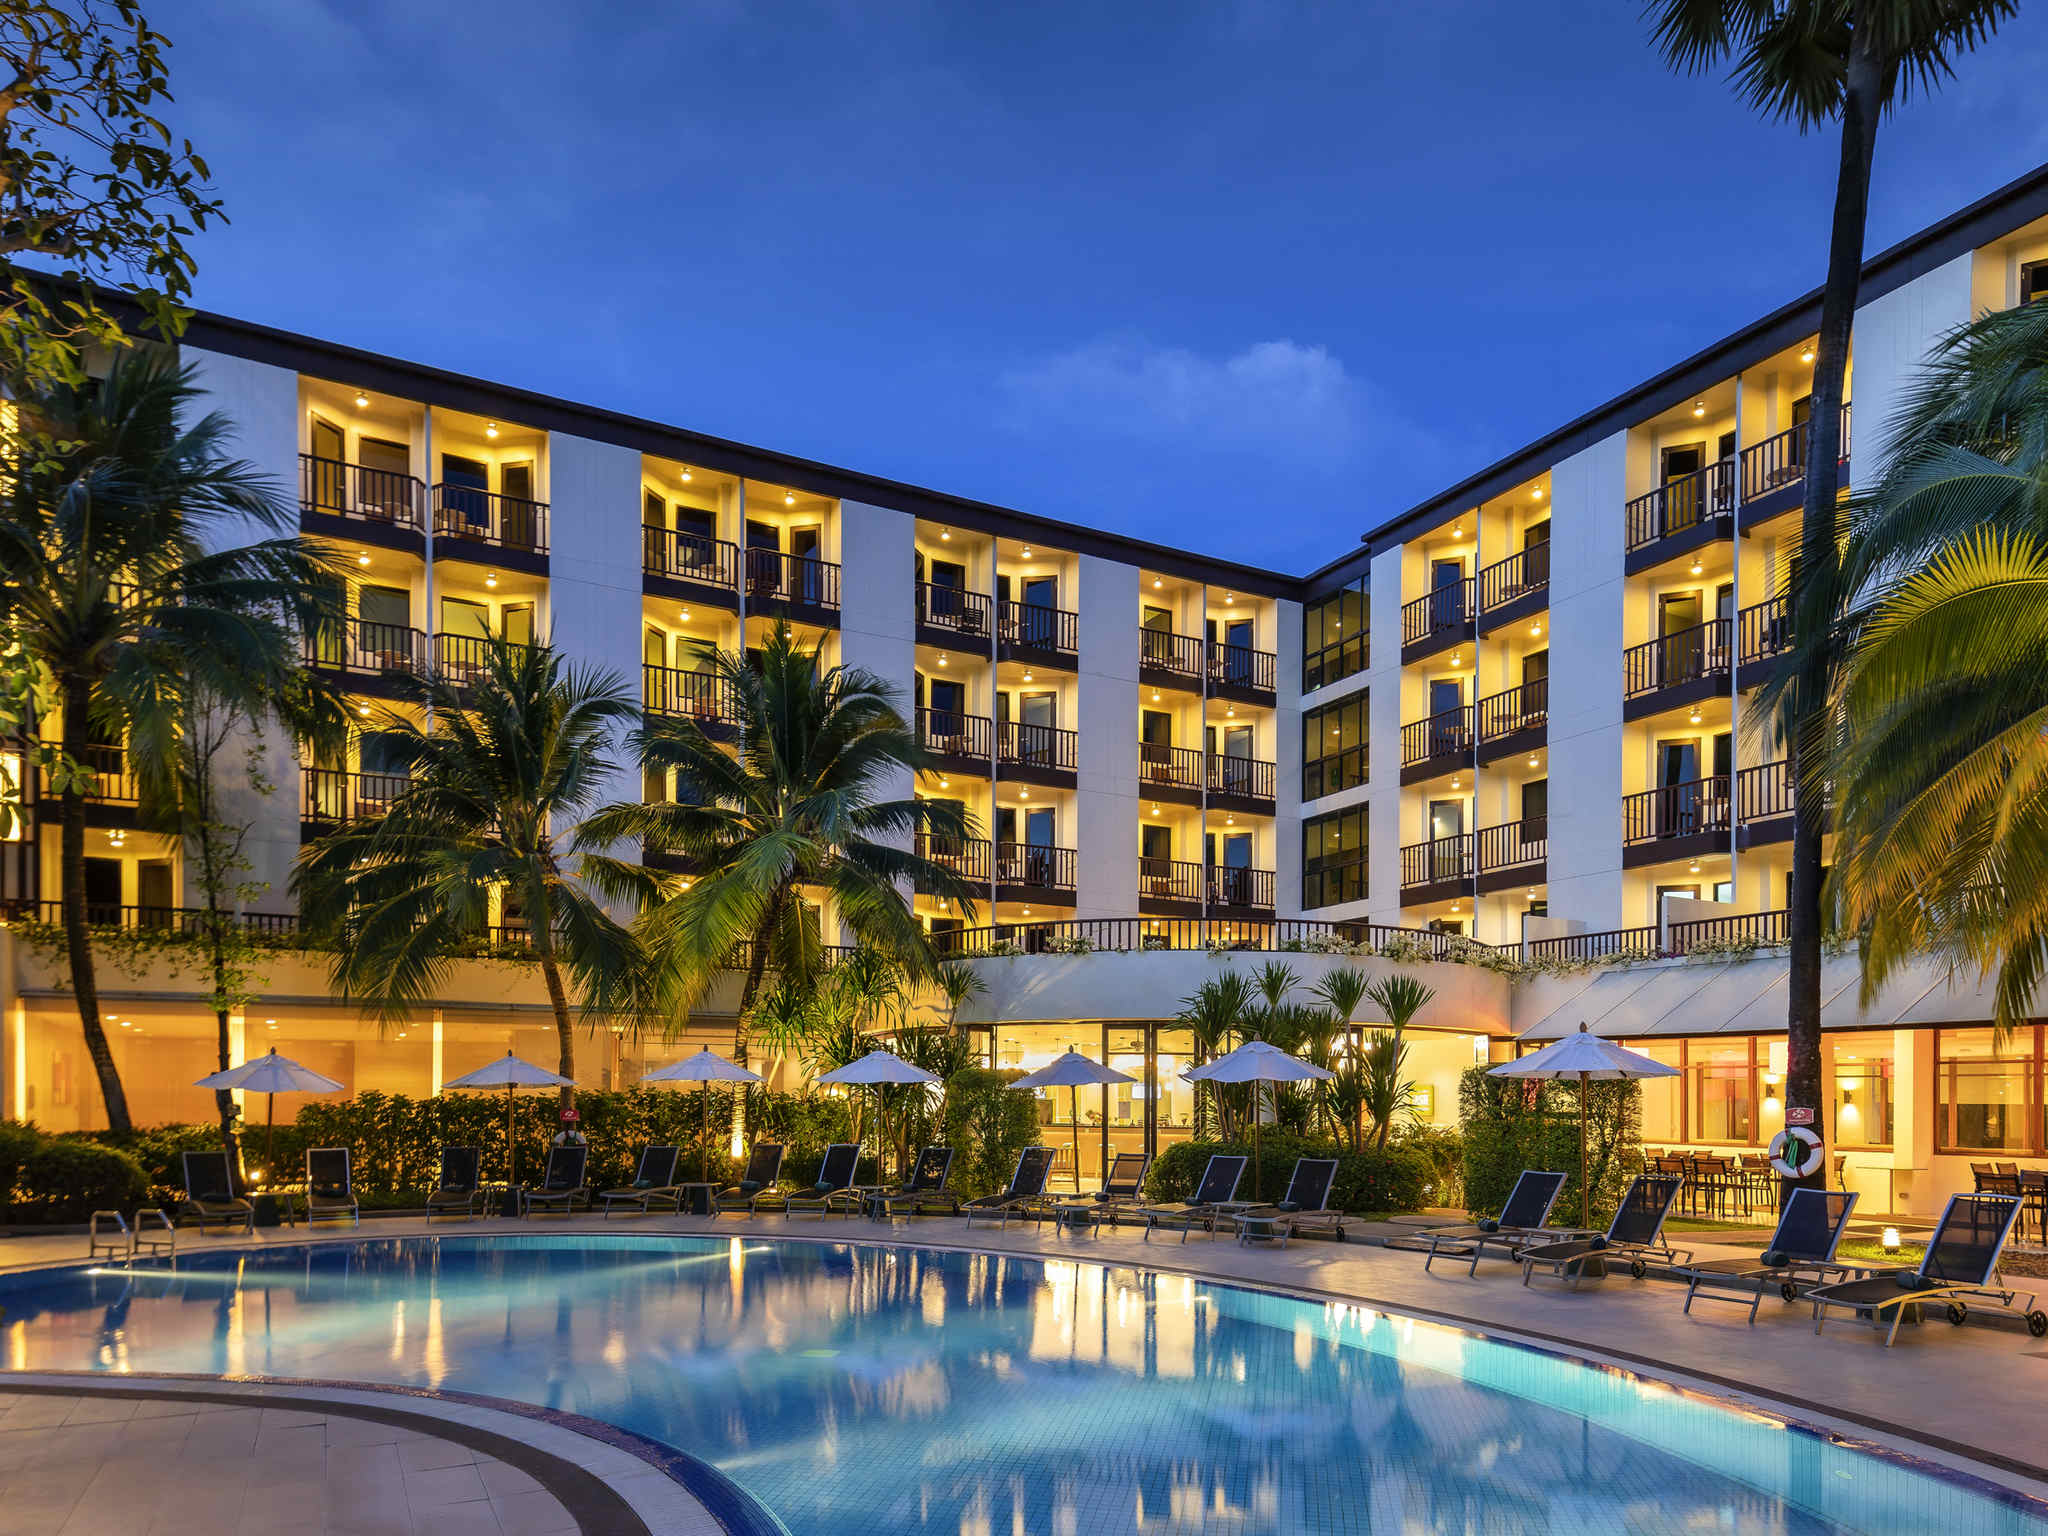 فندق - فندق إيبيس ibis بوكيت باتونج